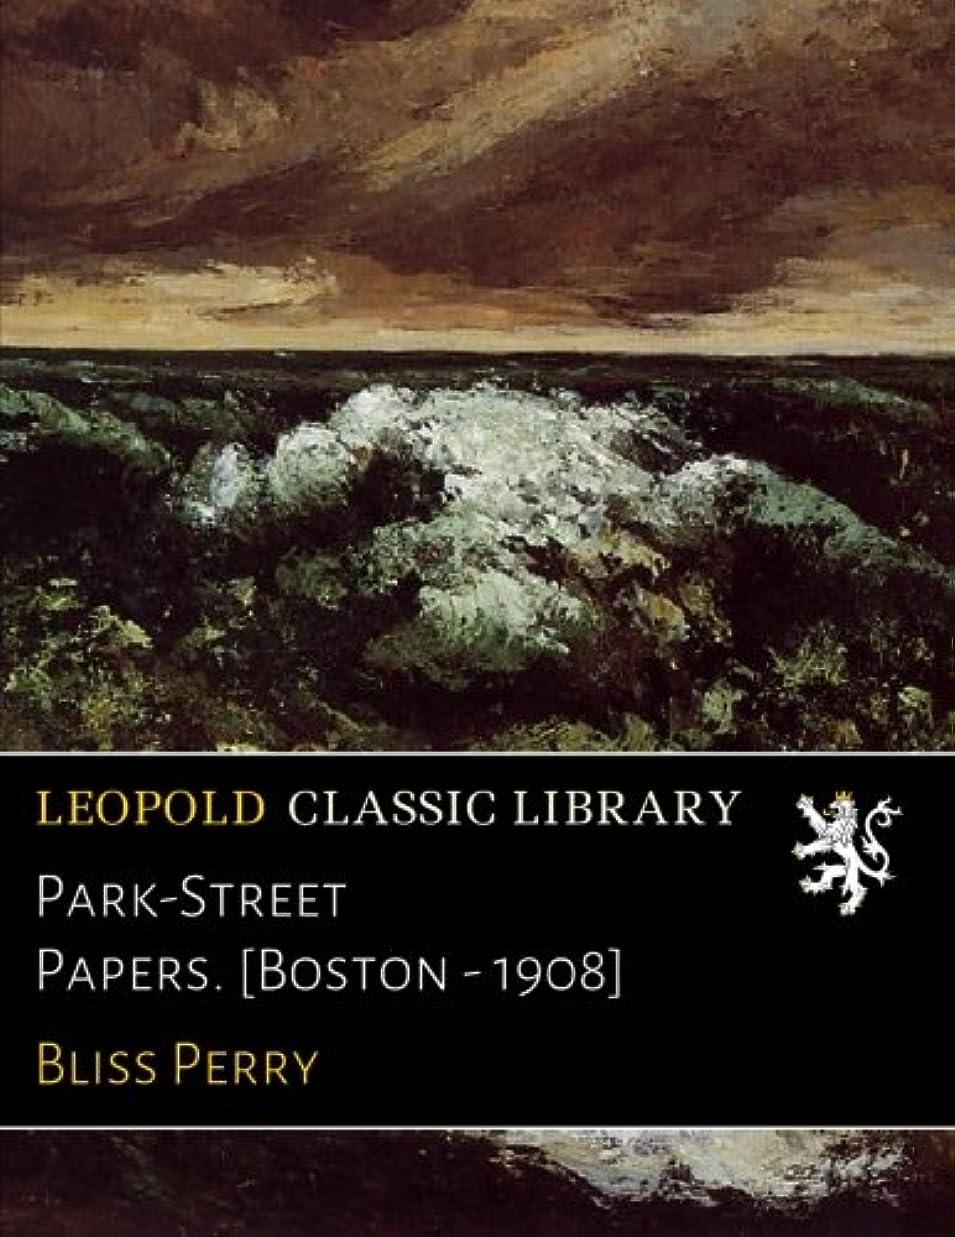 従事した器官鳴らすPark-Street Papers. [Boston - 1908]